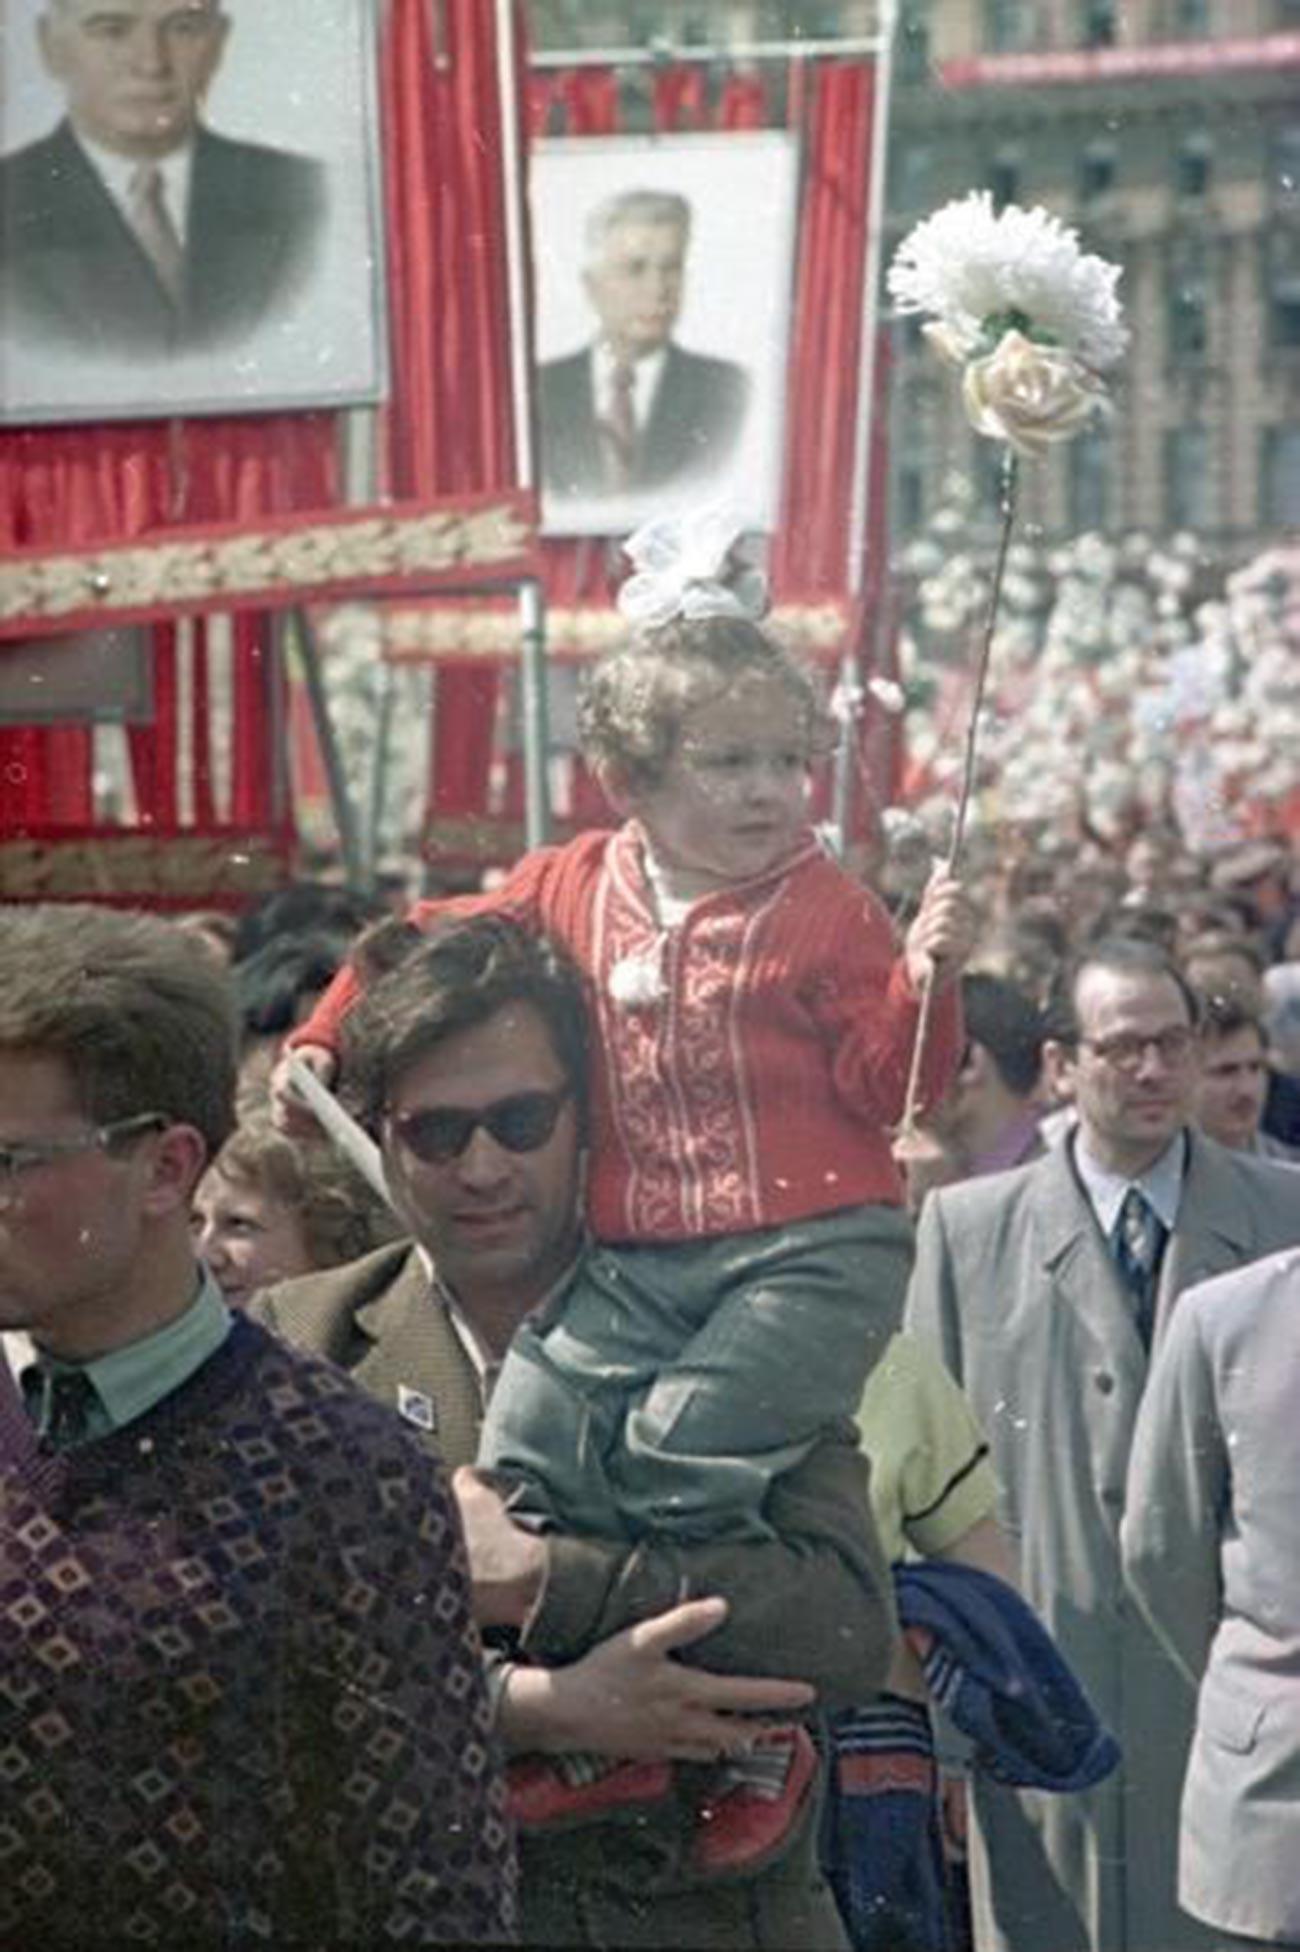 Ein Mann mit seiner Tochter bei einer Demonstration, 1950er Jahre.